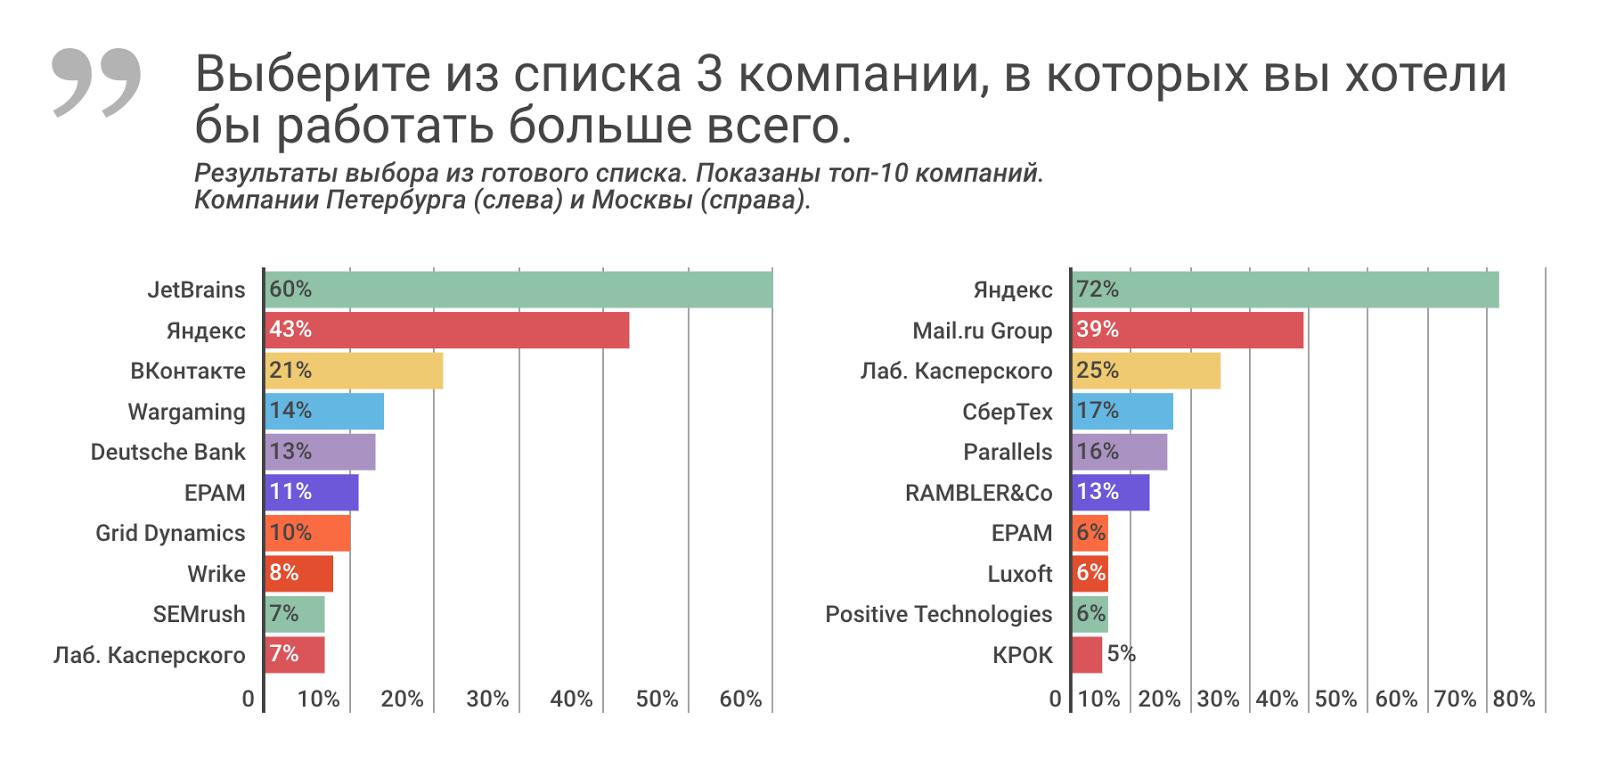 Рейтинг ИТ-работодателей Санкт-Петербурга и Москвы: результаты опроса разработчиков - 4